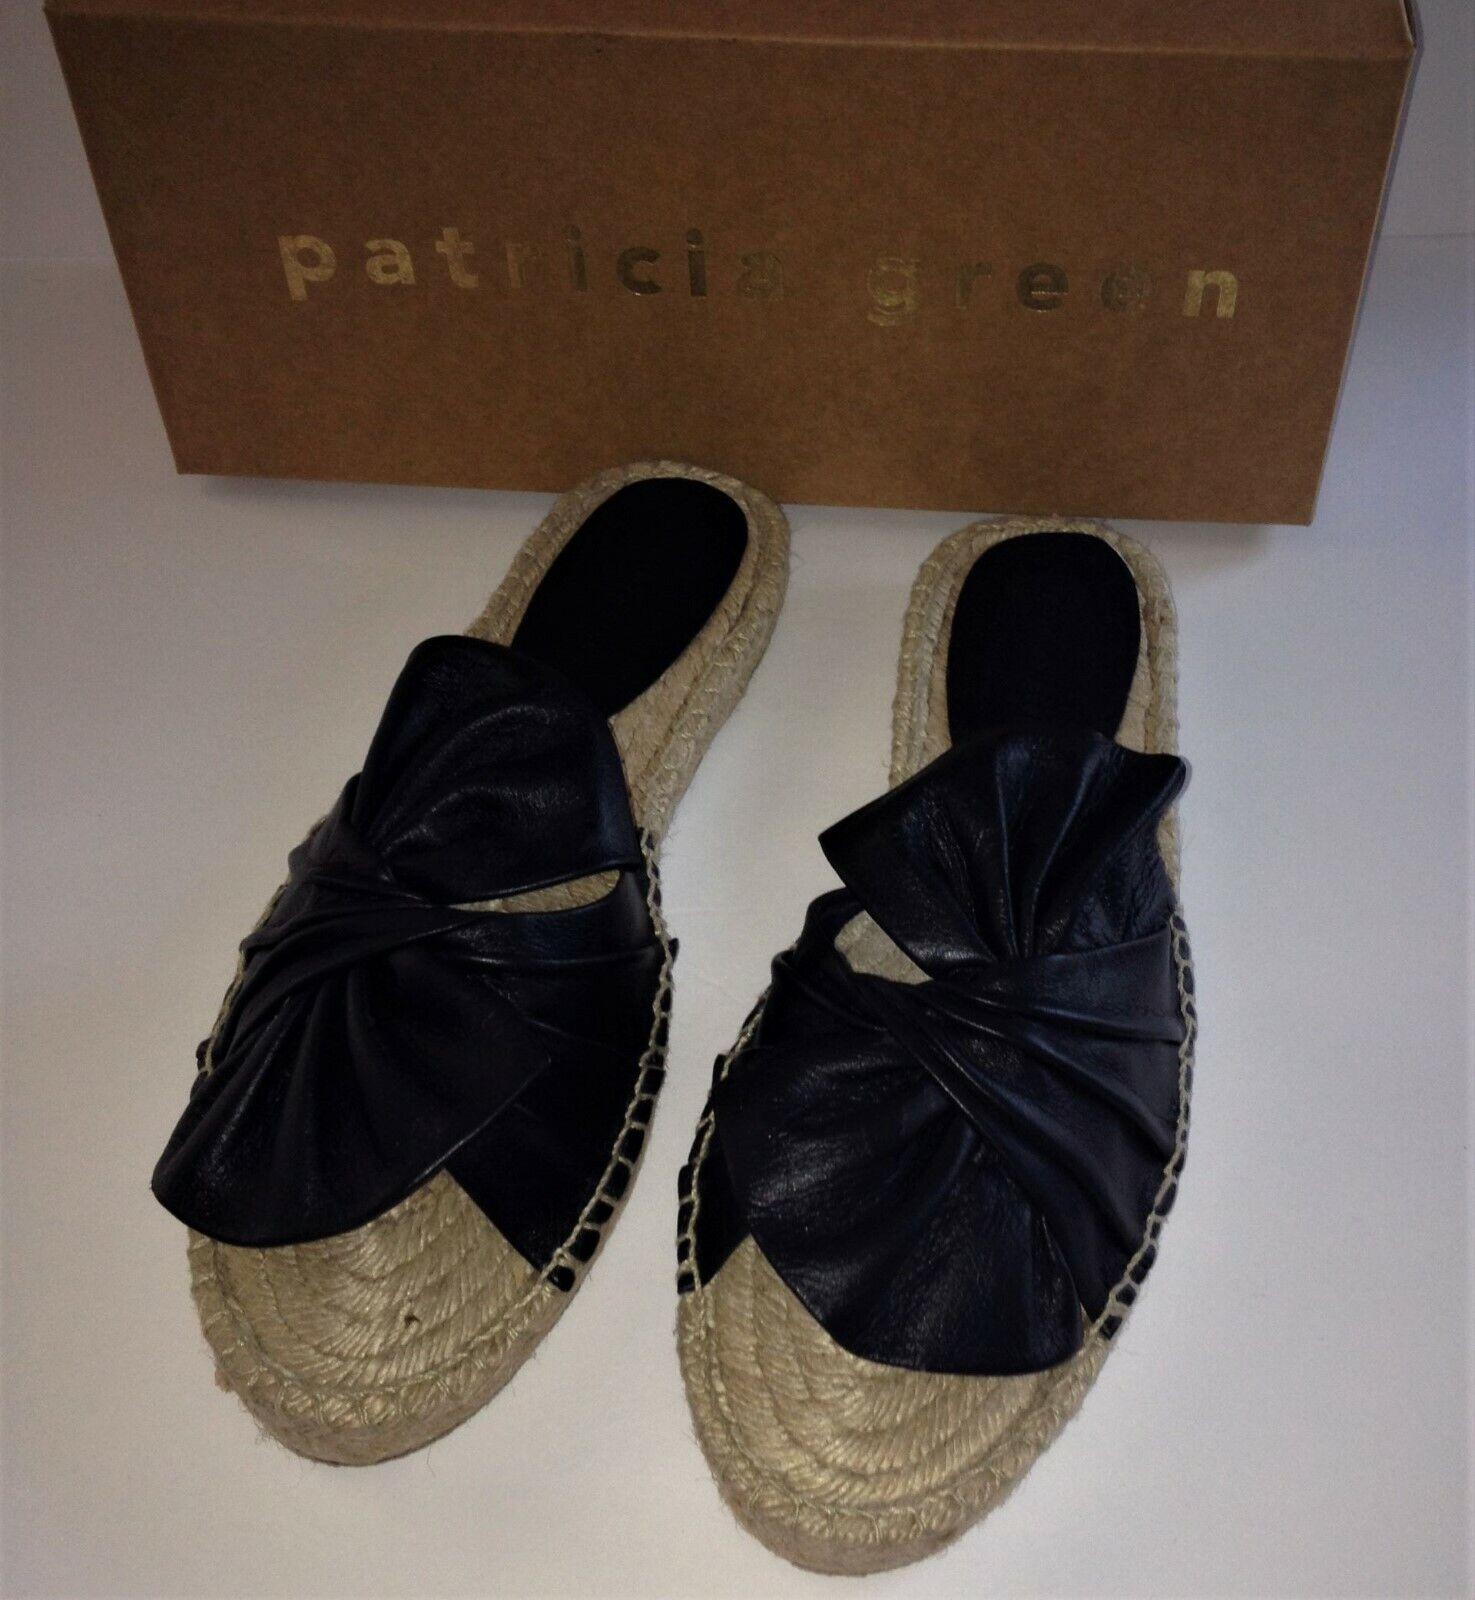 PATRICIA verde  Knot SANDAL 8B nero NEW scarpe SLIDE NIB 38 Neiman Marcus  120  fino al 42% di sconto